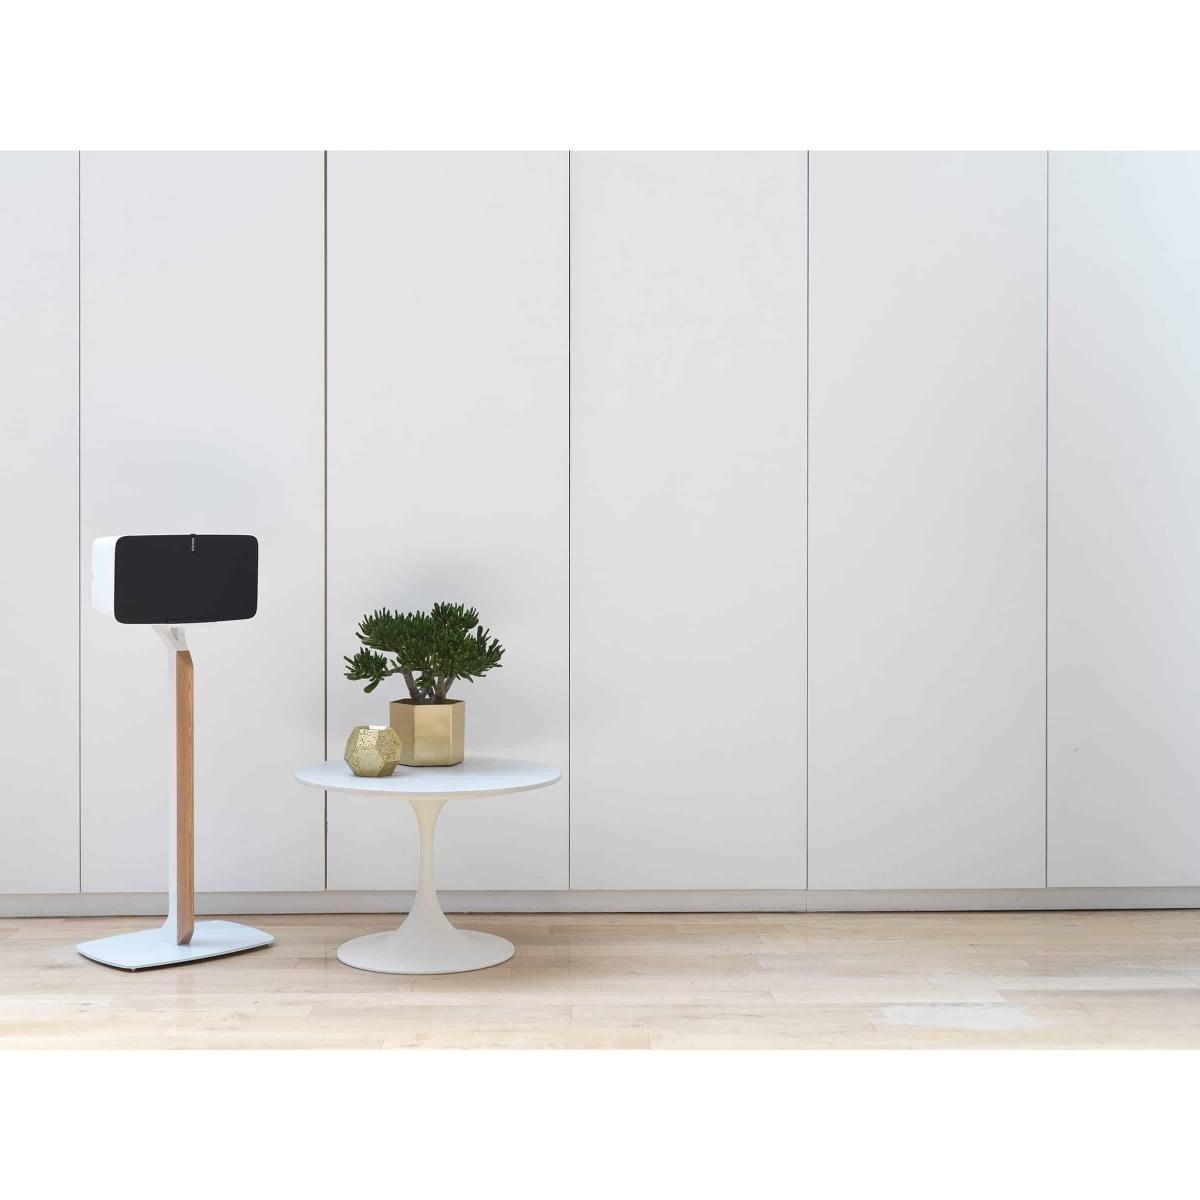 White Oak Solid Hardwood Aluminum Steel Glass Floor Speaker Stand